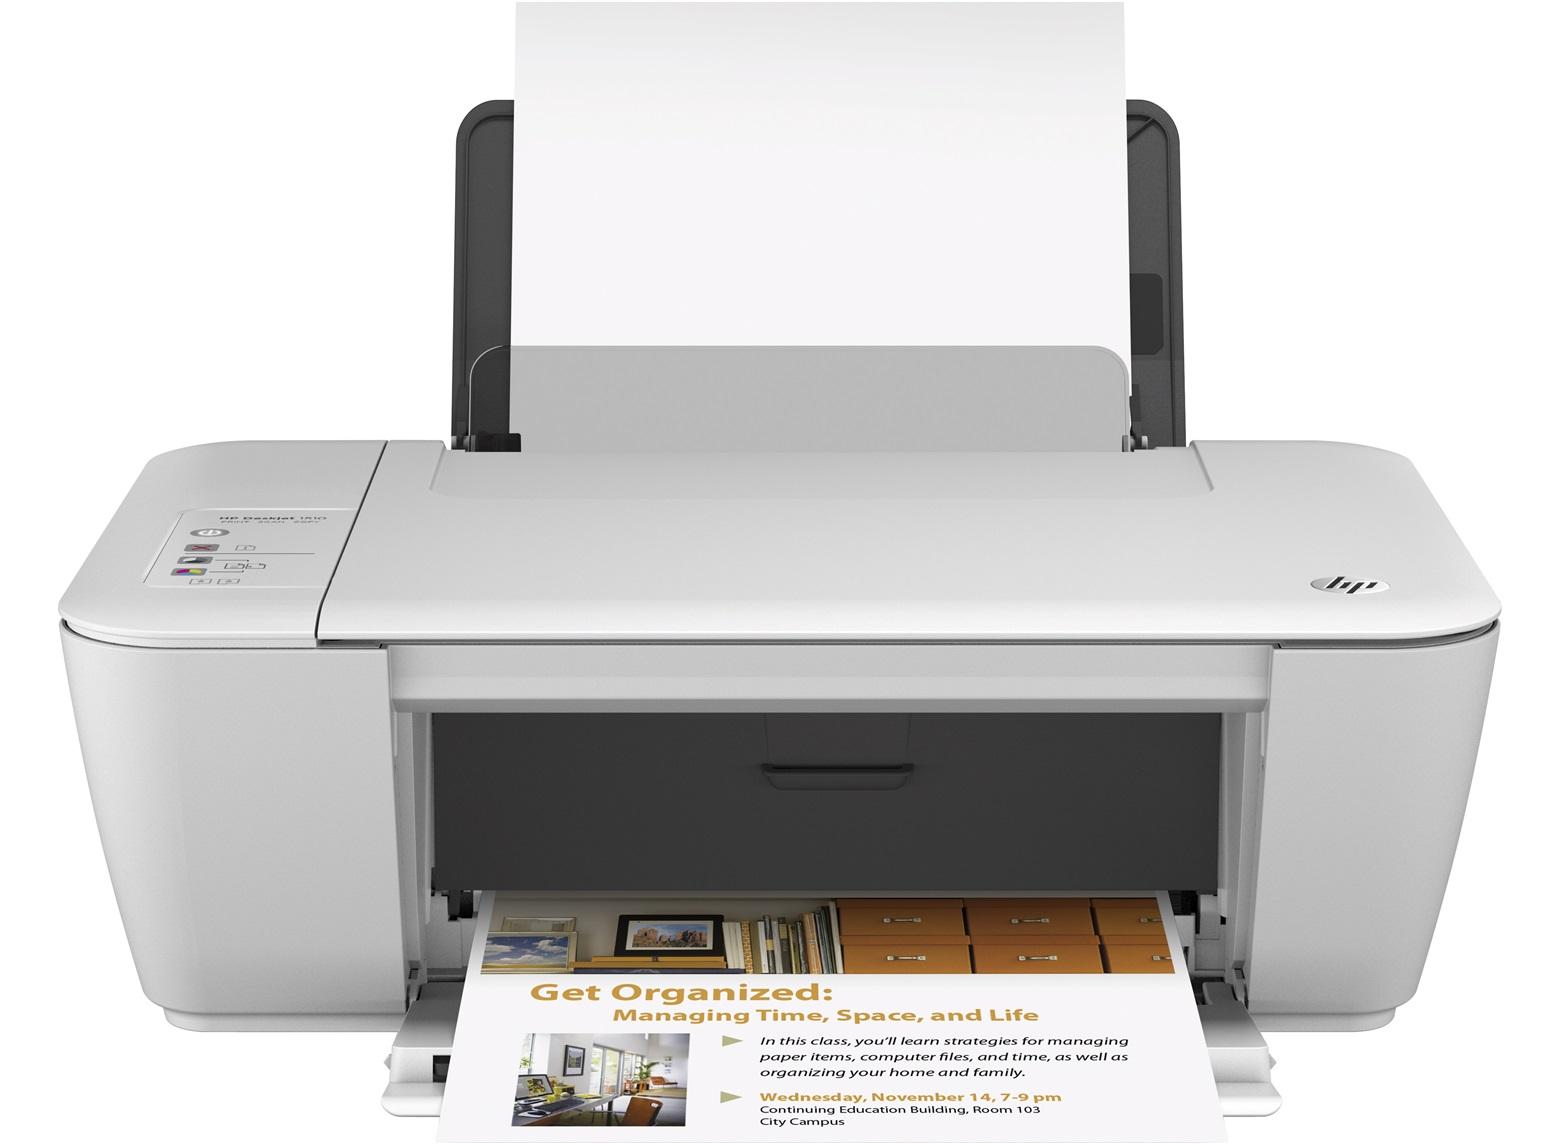 cartouche hp deskjet 1510 pour imprimante jet d 39 encre hp. Black Bedroom Furniture Sets. Home Design Ideas